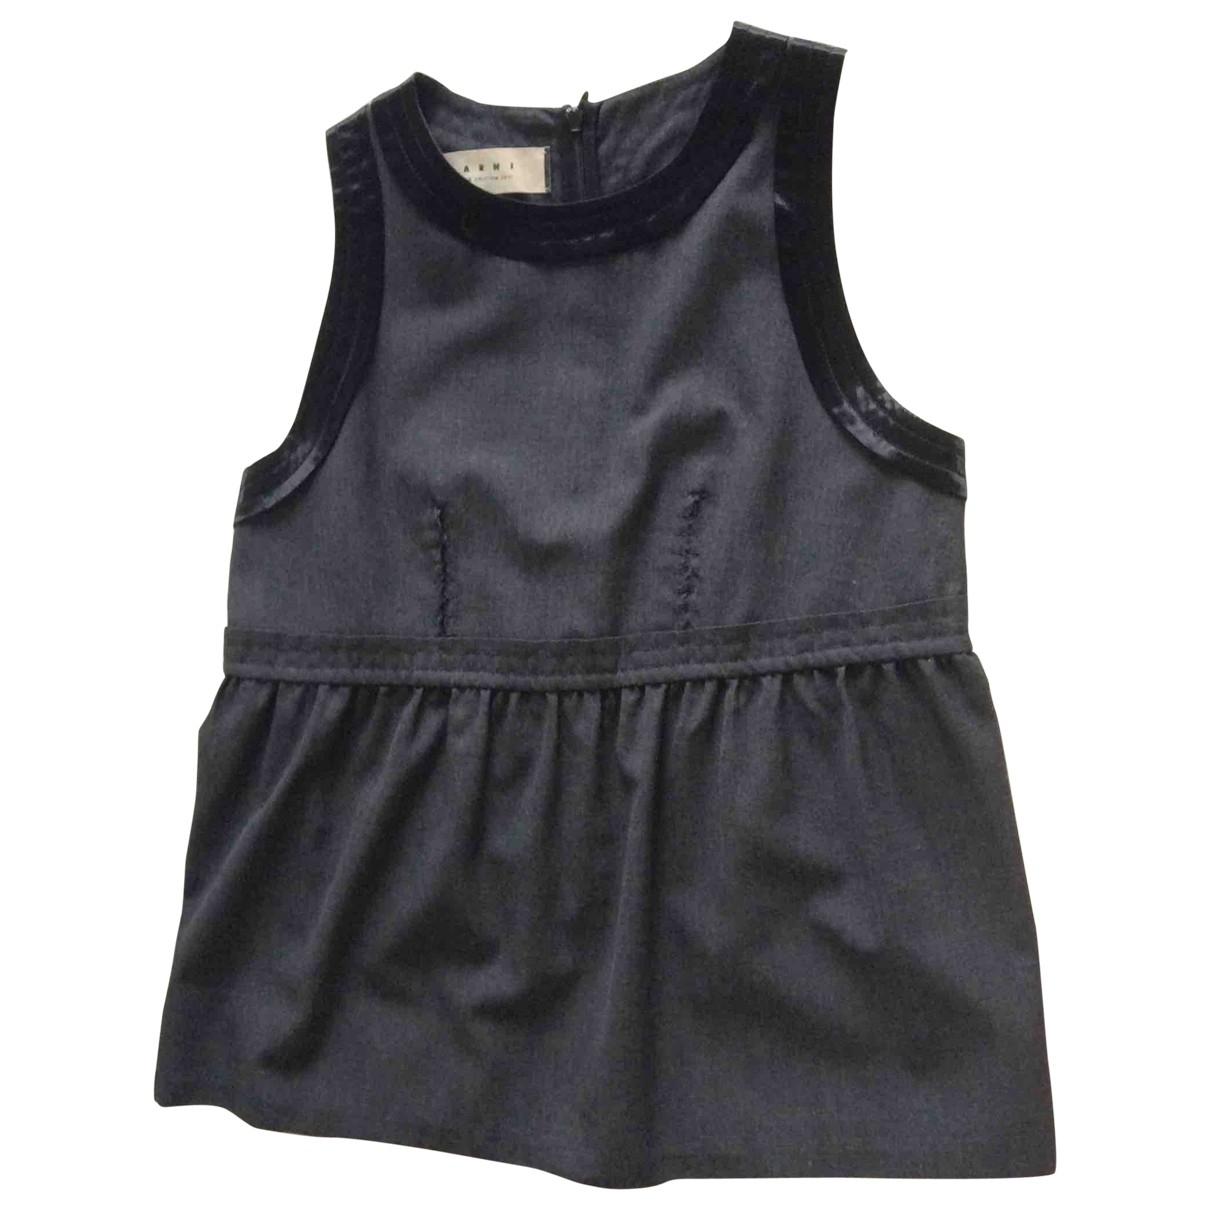 Marni - Top   pour femme en laine - gris